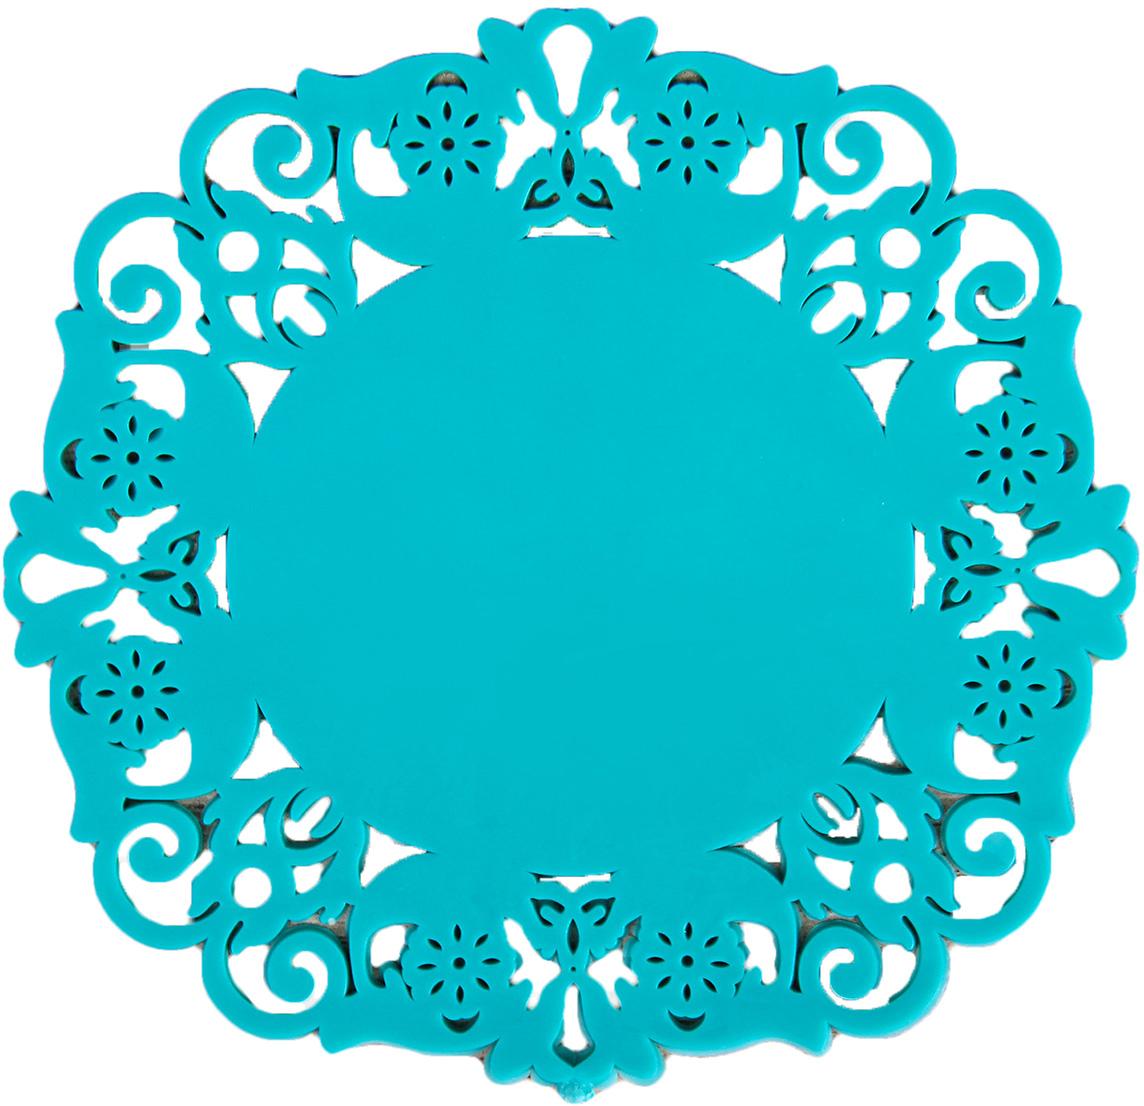 Набор подставок под горячее Доляна Чаепитие, цвет: бирюзовый, 10 см, 4 шт812066_бирюзовыйСиликоновая подставка под горячее — практичный предмет, который обязательно пригодится в хозяйстве. Изделие поможет сберечь столы, тумбы, скатерти и клеёнки от повреждения нагретыми сковородами, кастрюлями, чайниками и тарелками.